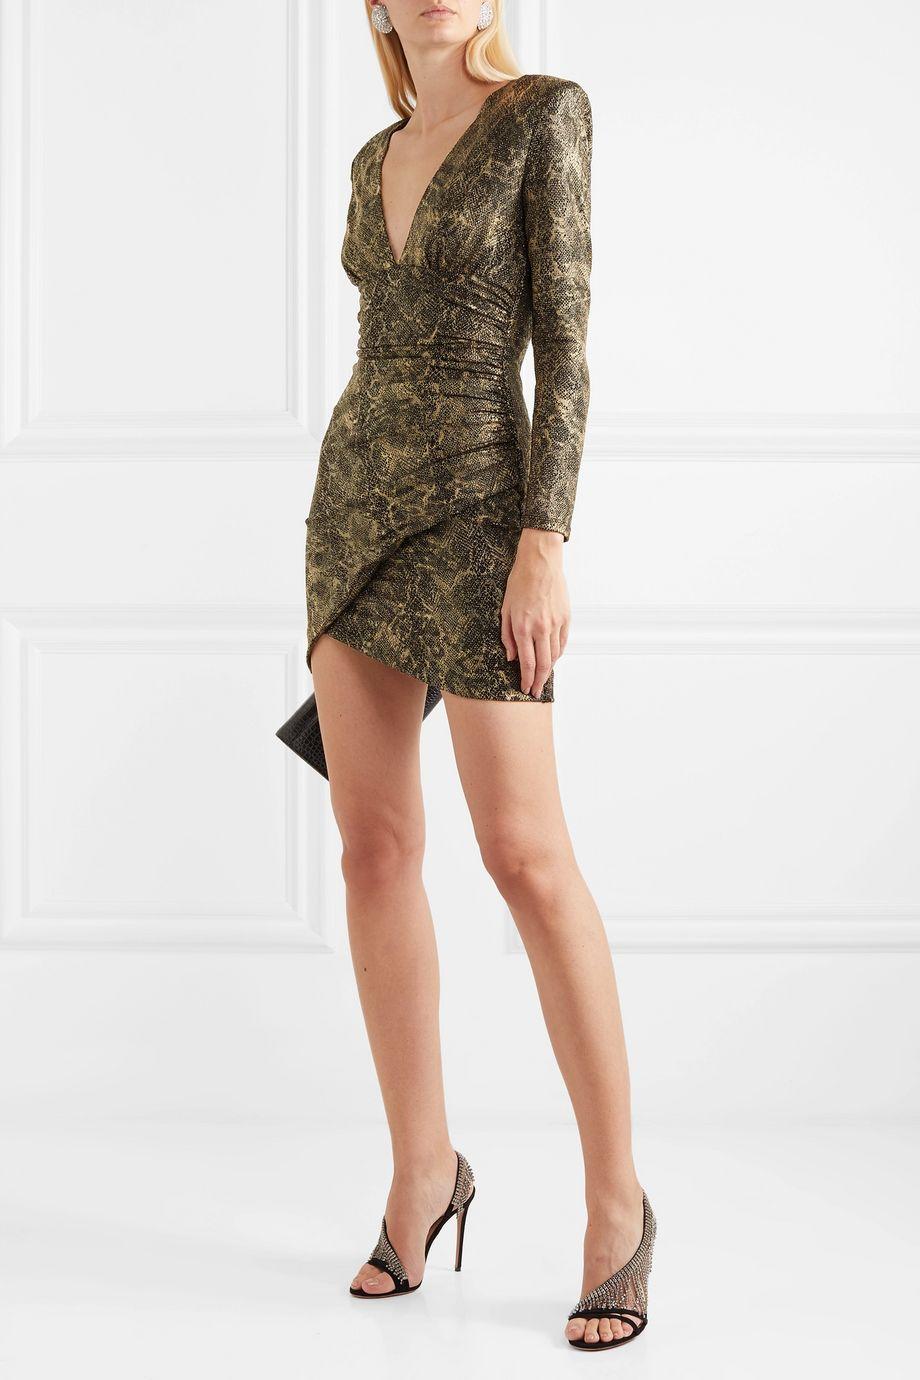 Alice + Olivia Mini-robe en crêpe à imprimé serpent métallisé et à fronces Diaz